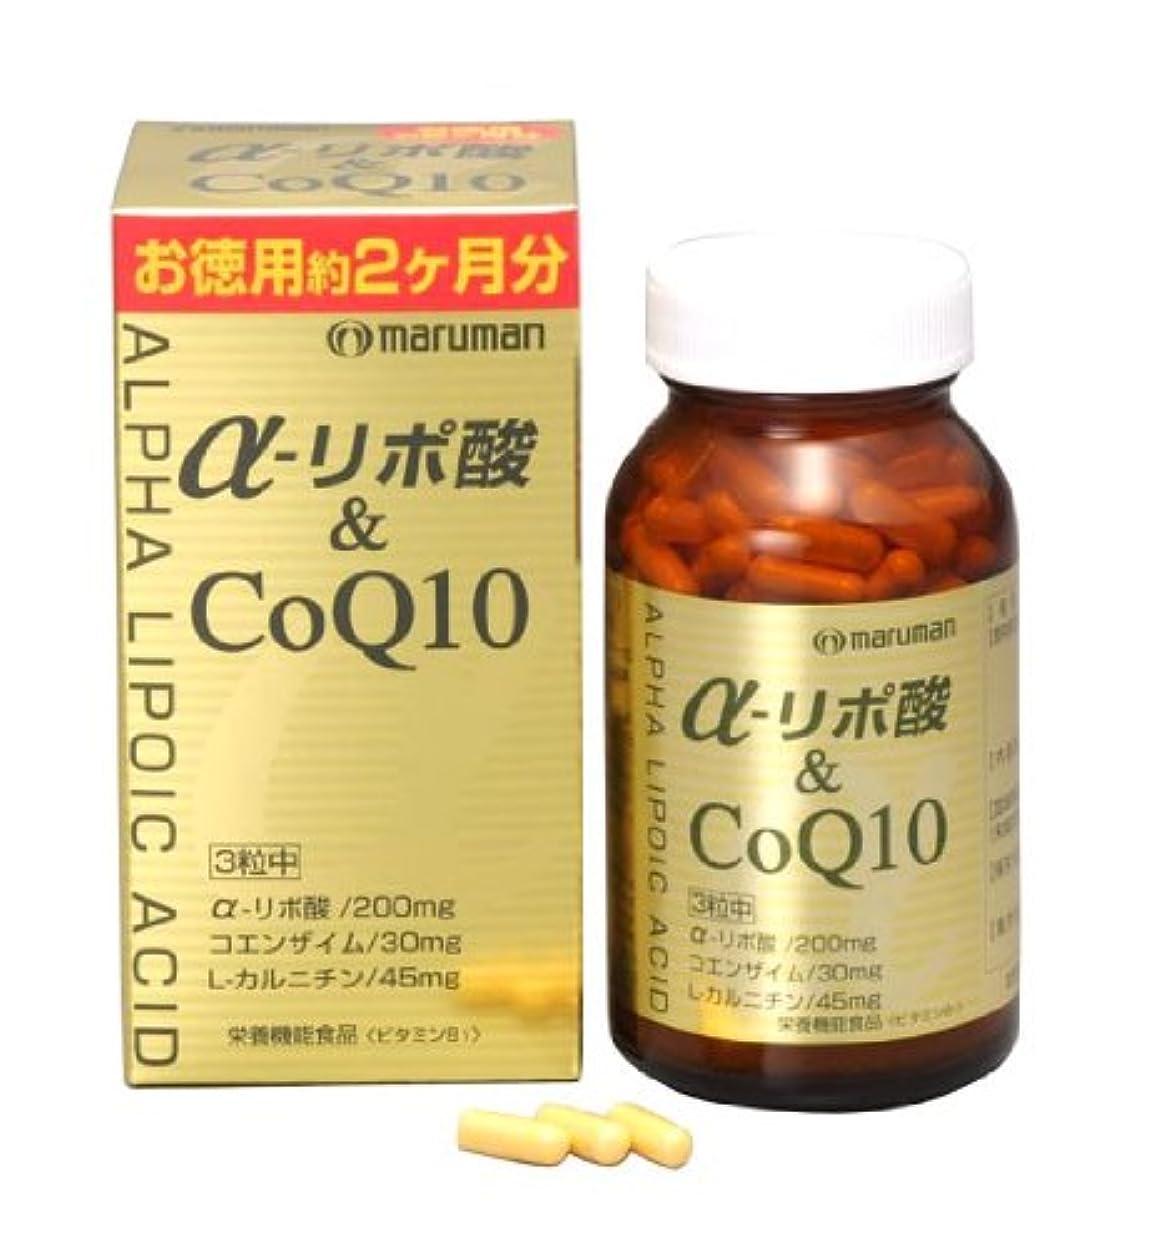 オズワルド全部アライメントマルマン α-リポ酸CoQ10 249㎎×180粒